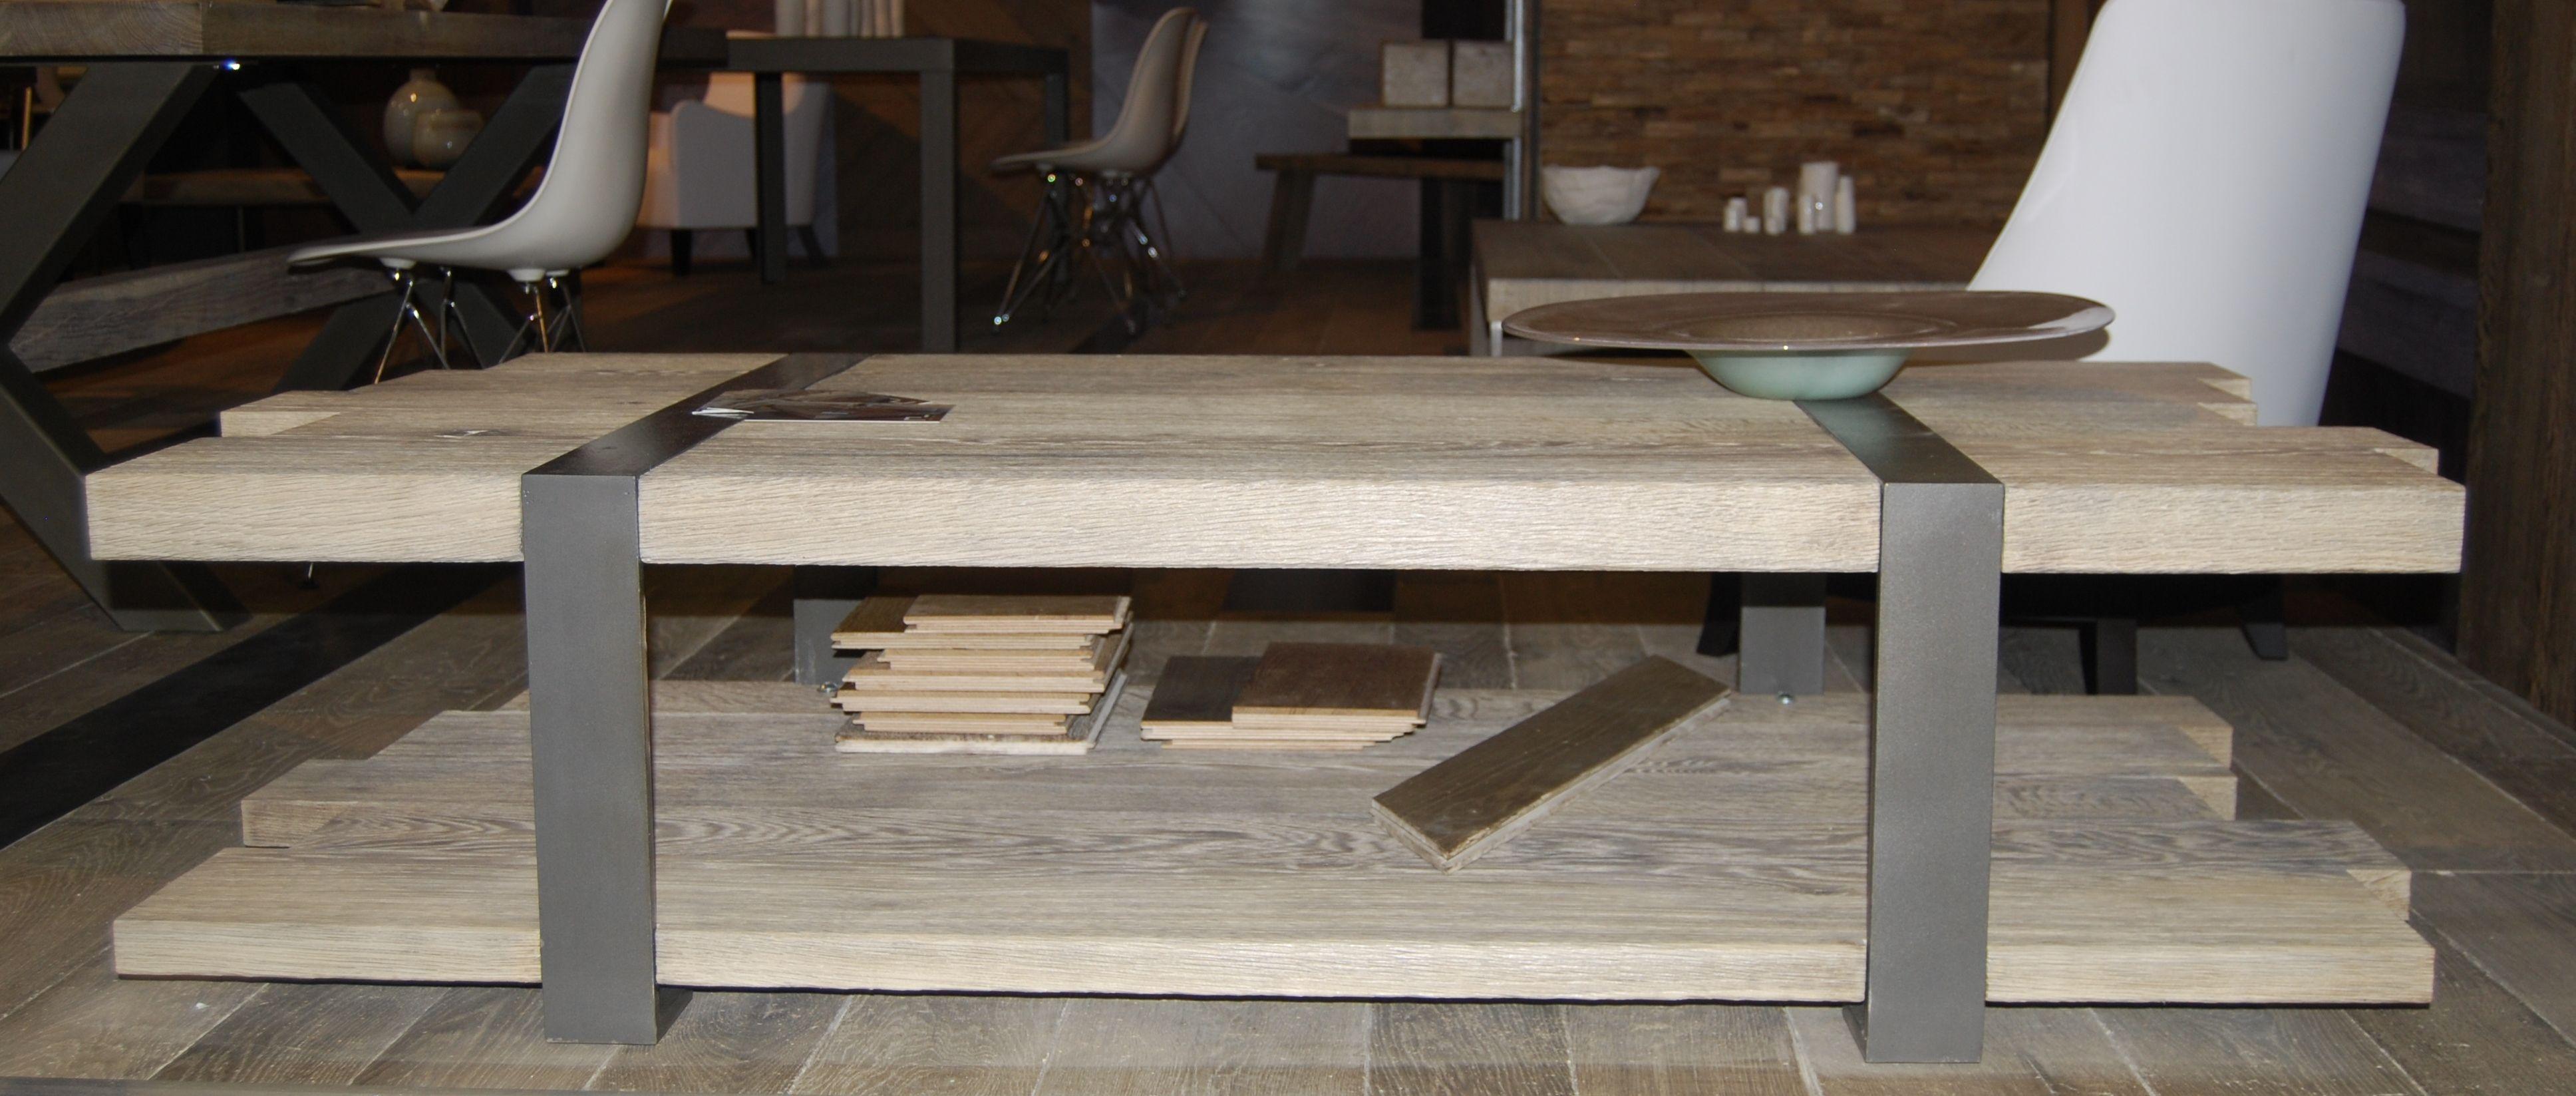 Tavolino Portariviste Legno.Tavolino Rettangolare In Legno Con Portariviste Da Salotto